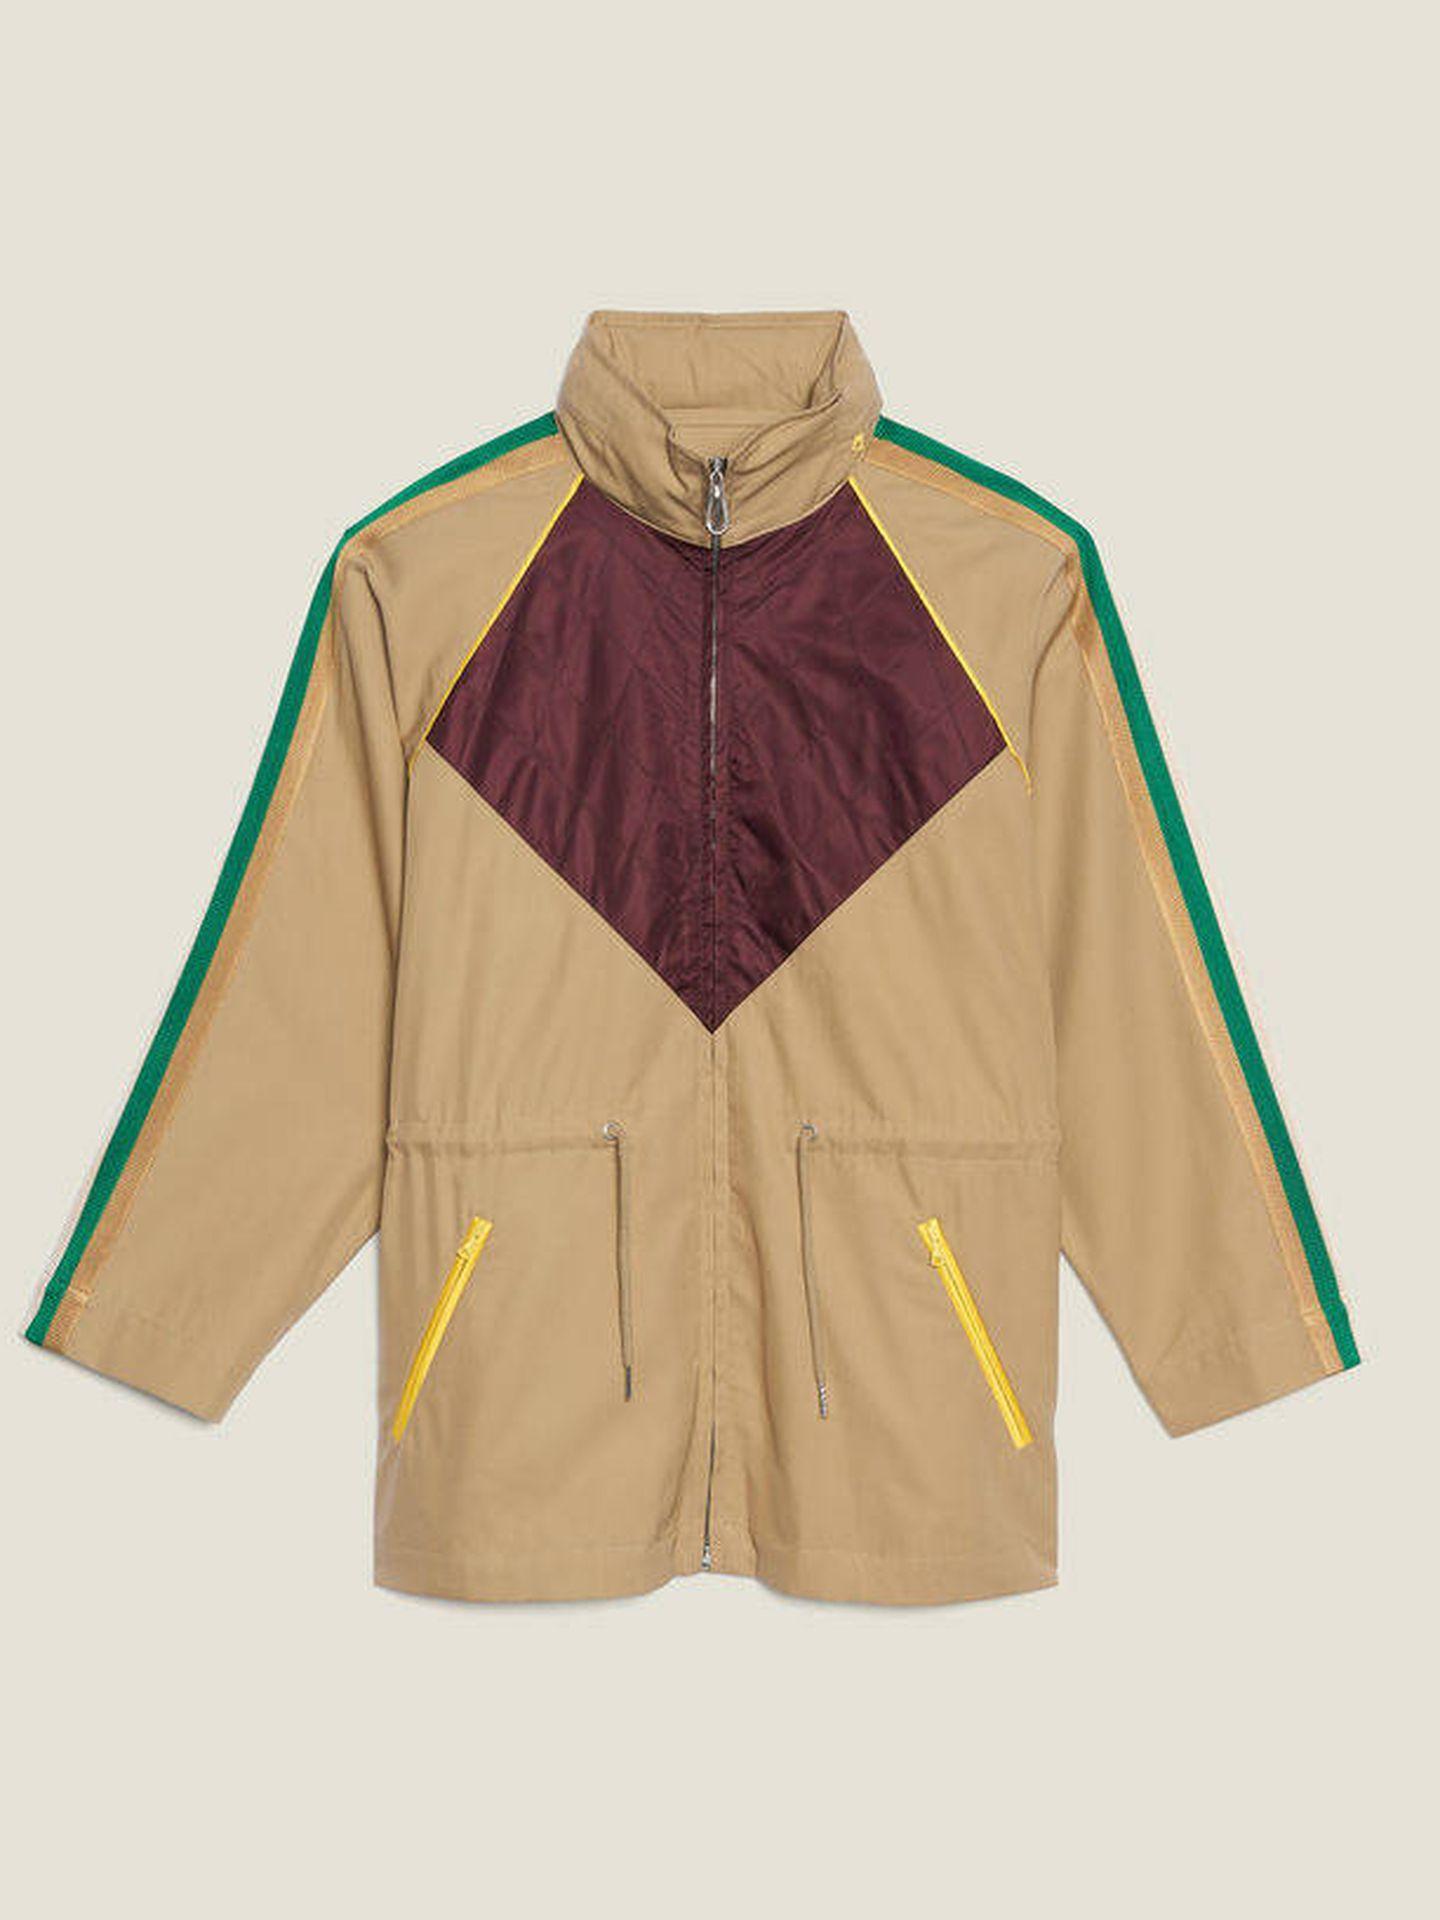 La chaqueta de Sandro que lleva Sara valorada en 345 € (Cortesía)